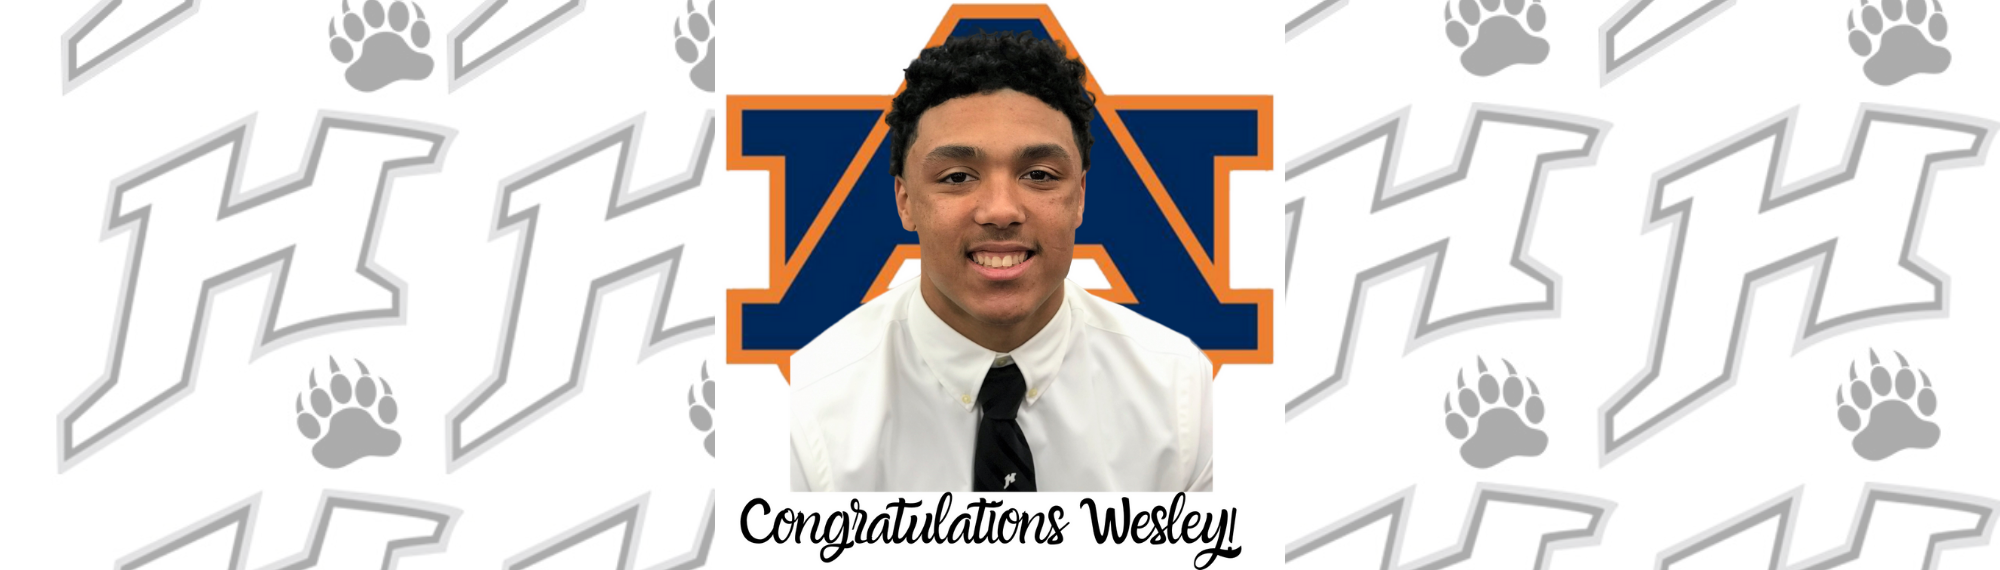 Congratulations Wesley